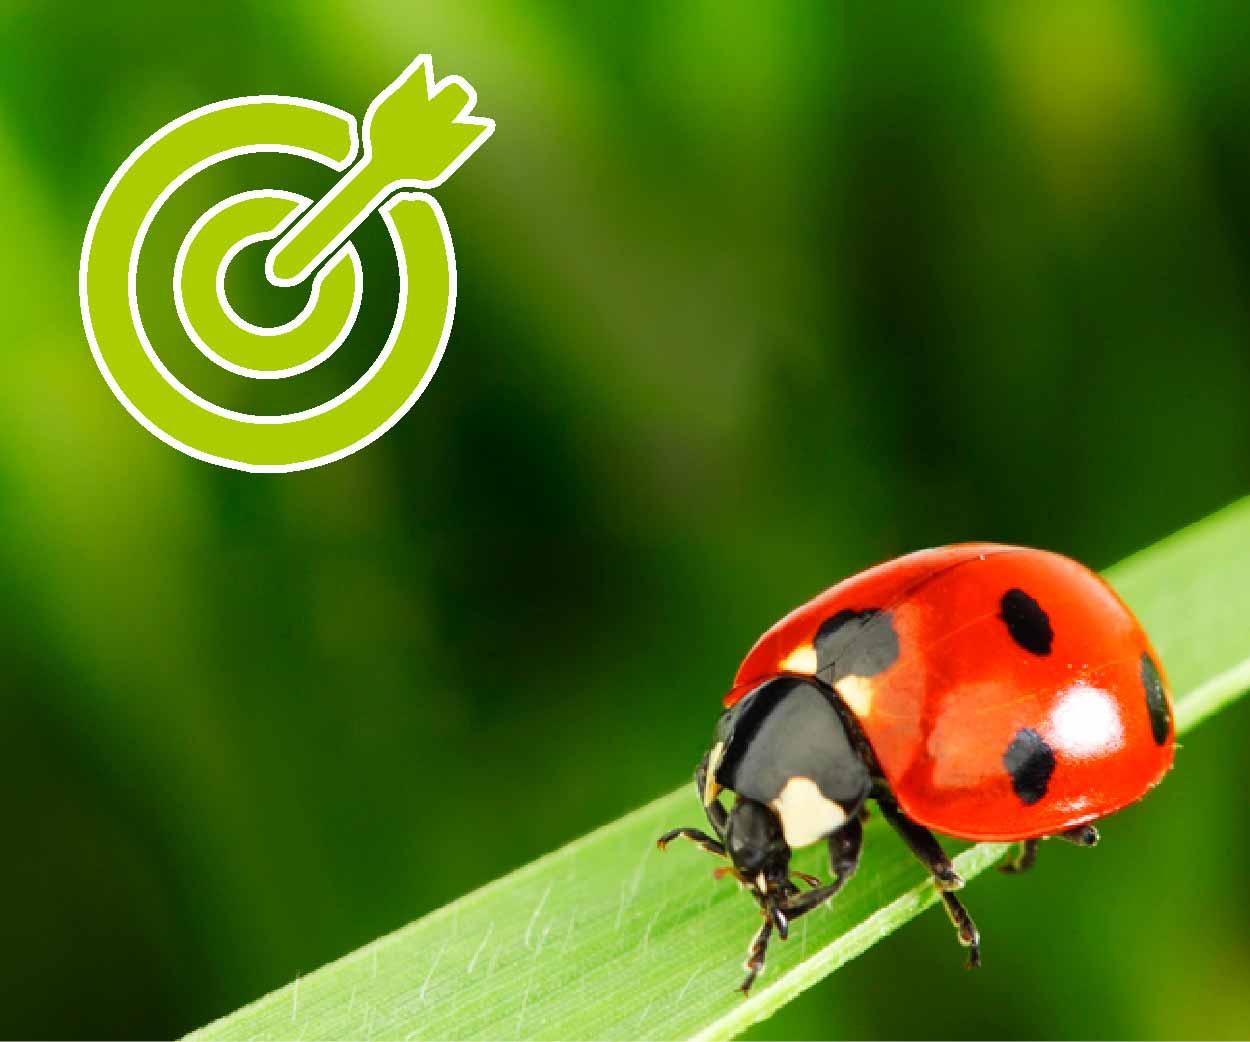 Obiettivi del progetto Itaca Viticoltura eroica sostenibile